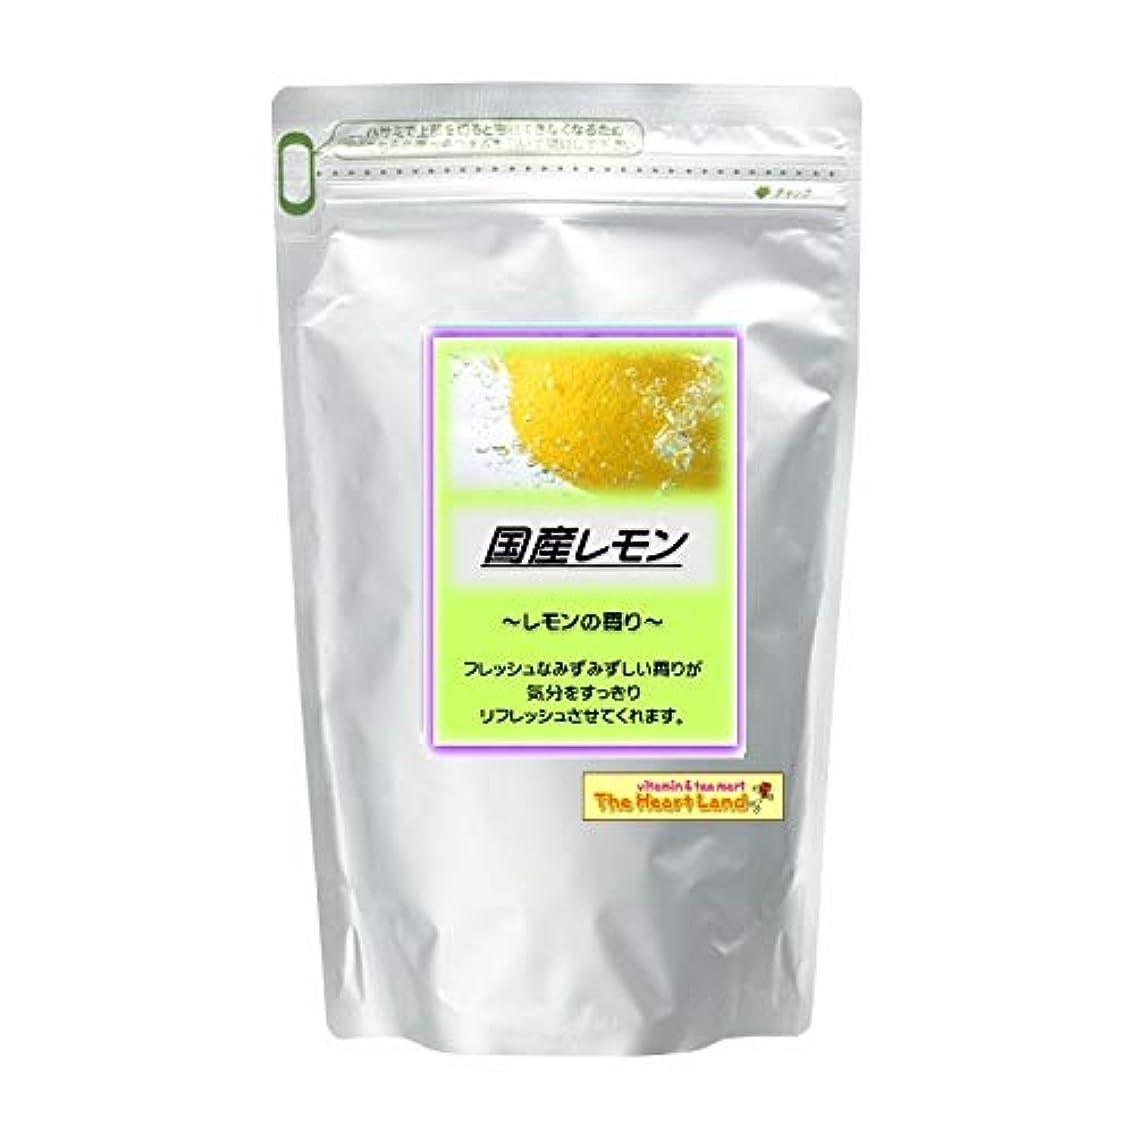 許さないヨーグルトぶどうアサヒ入浴剤 浴用入浴化粧品 国産レモン 300g